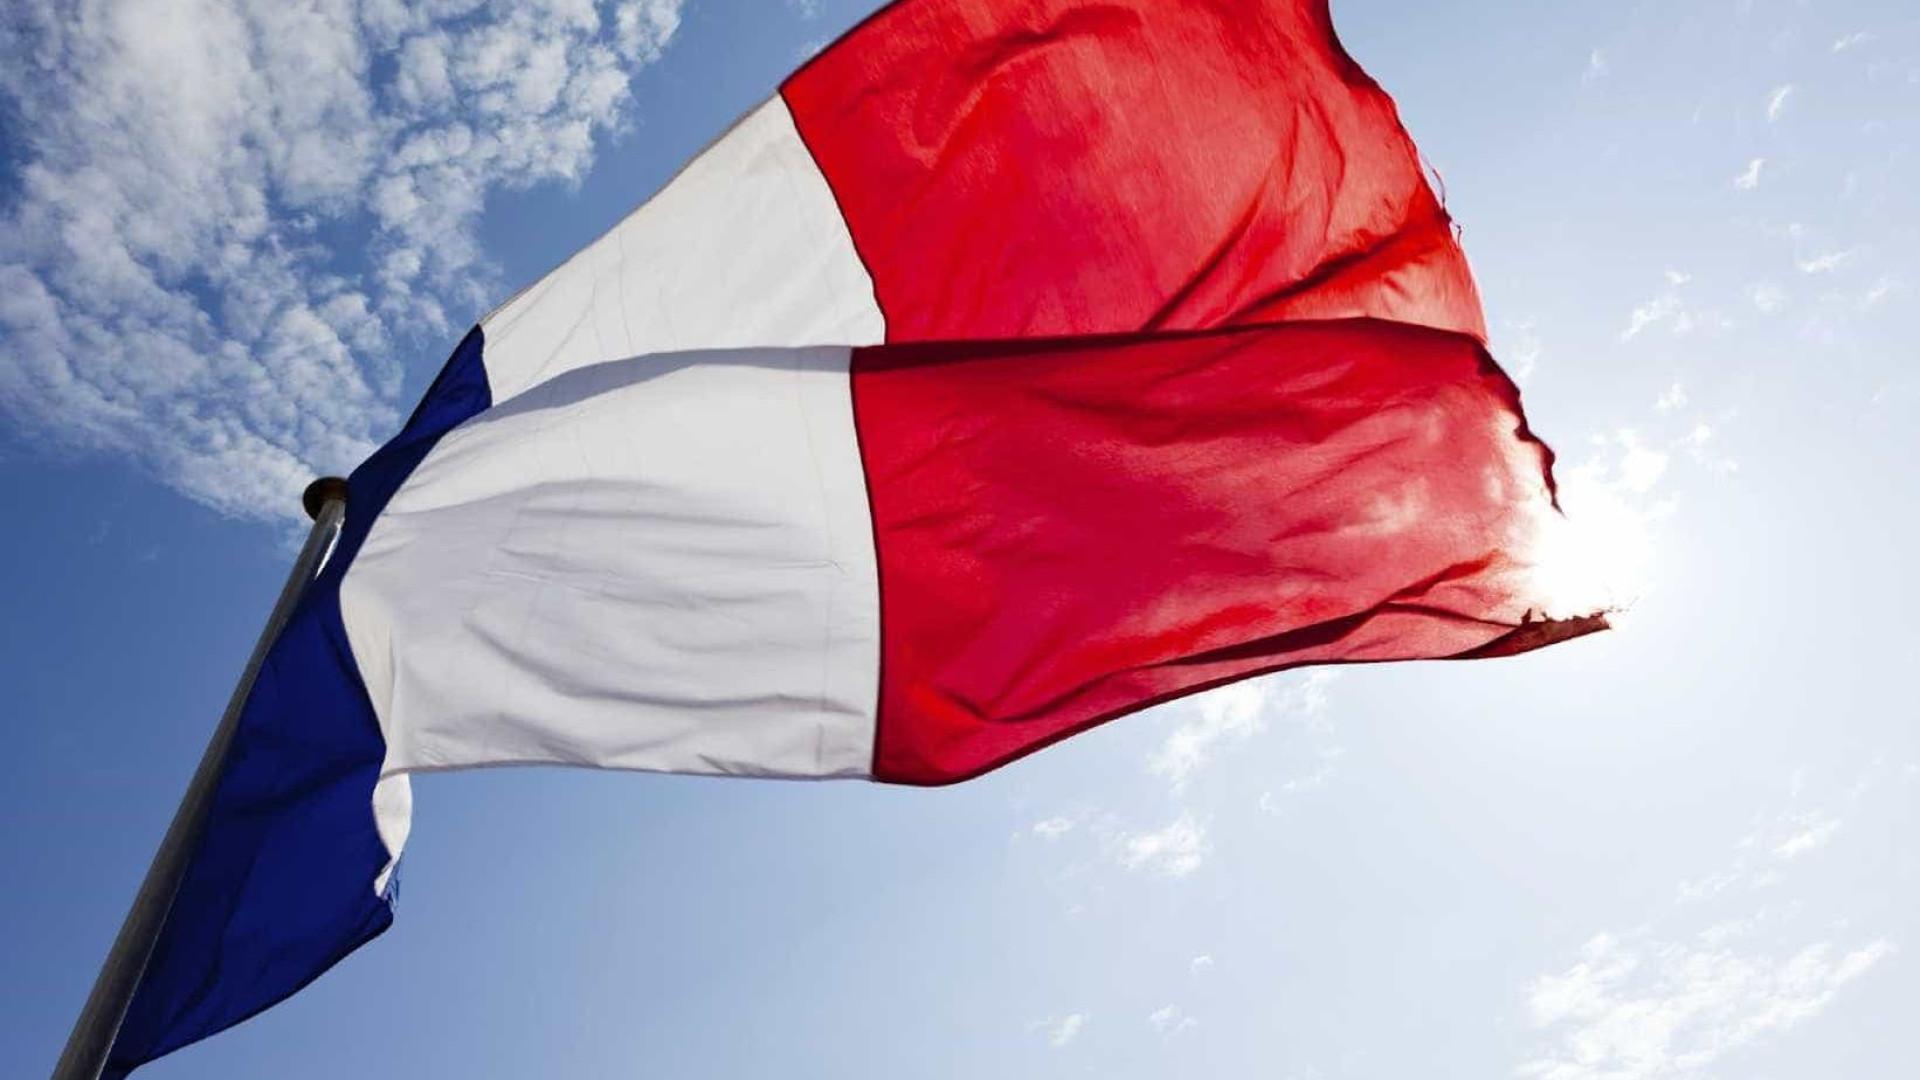 França é país europeu com mais pedidos de asilo